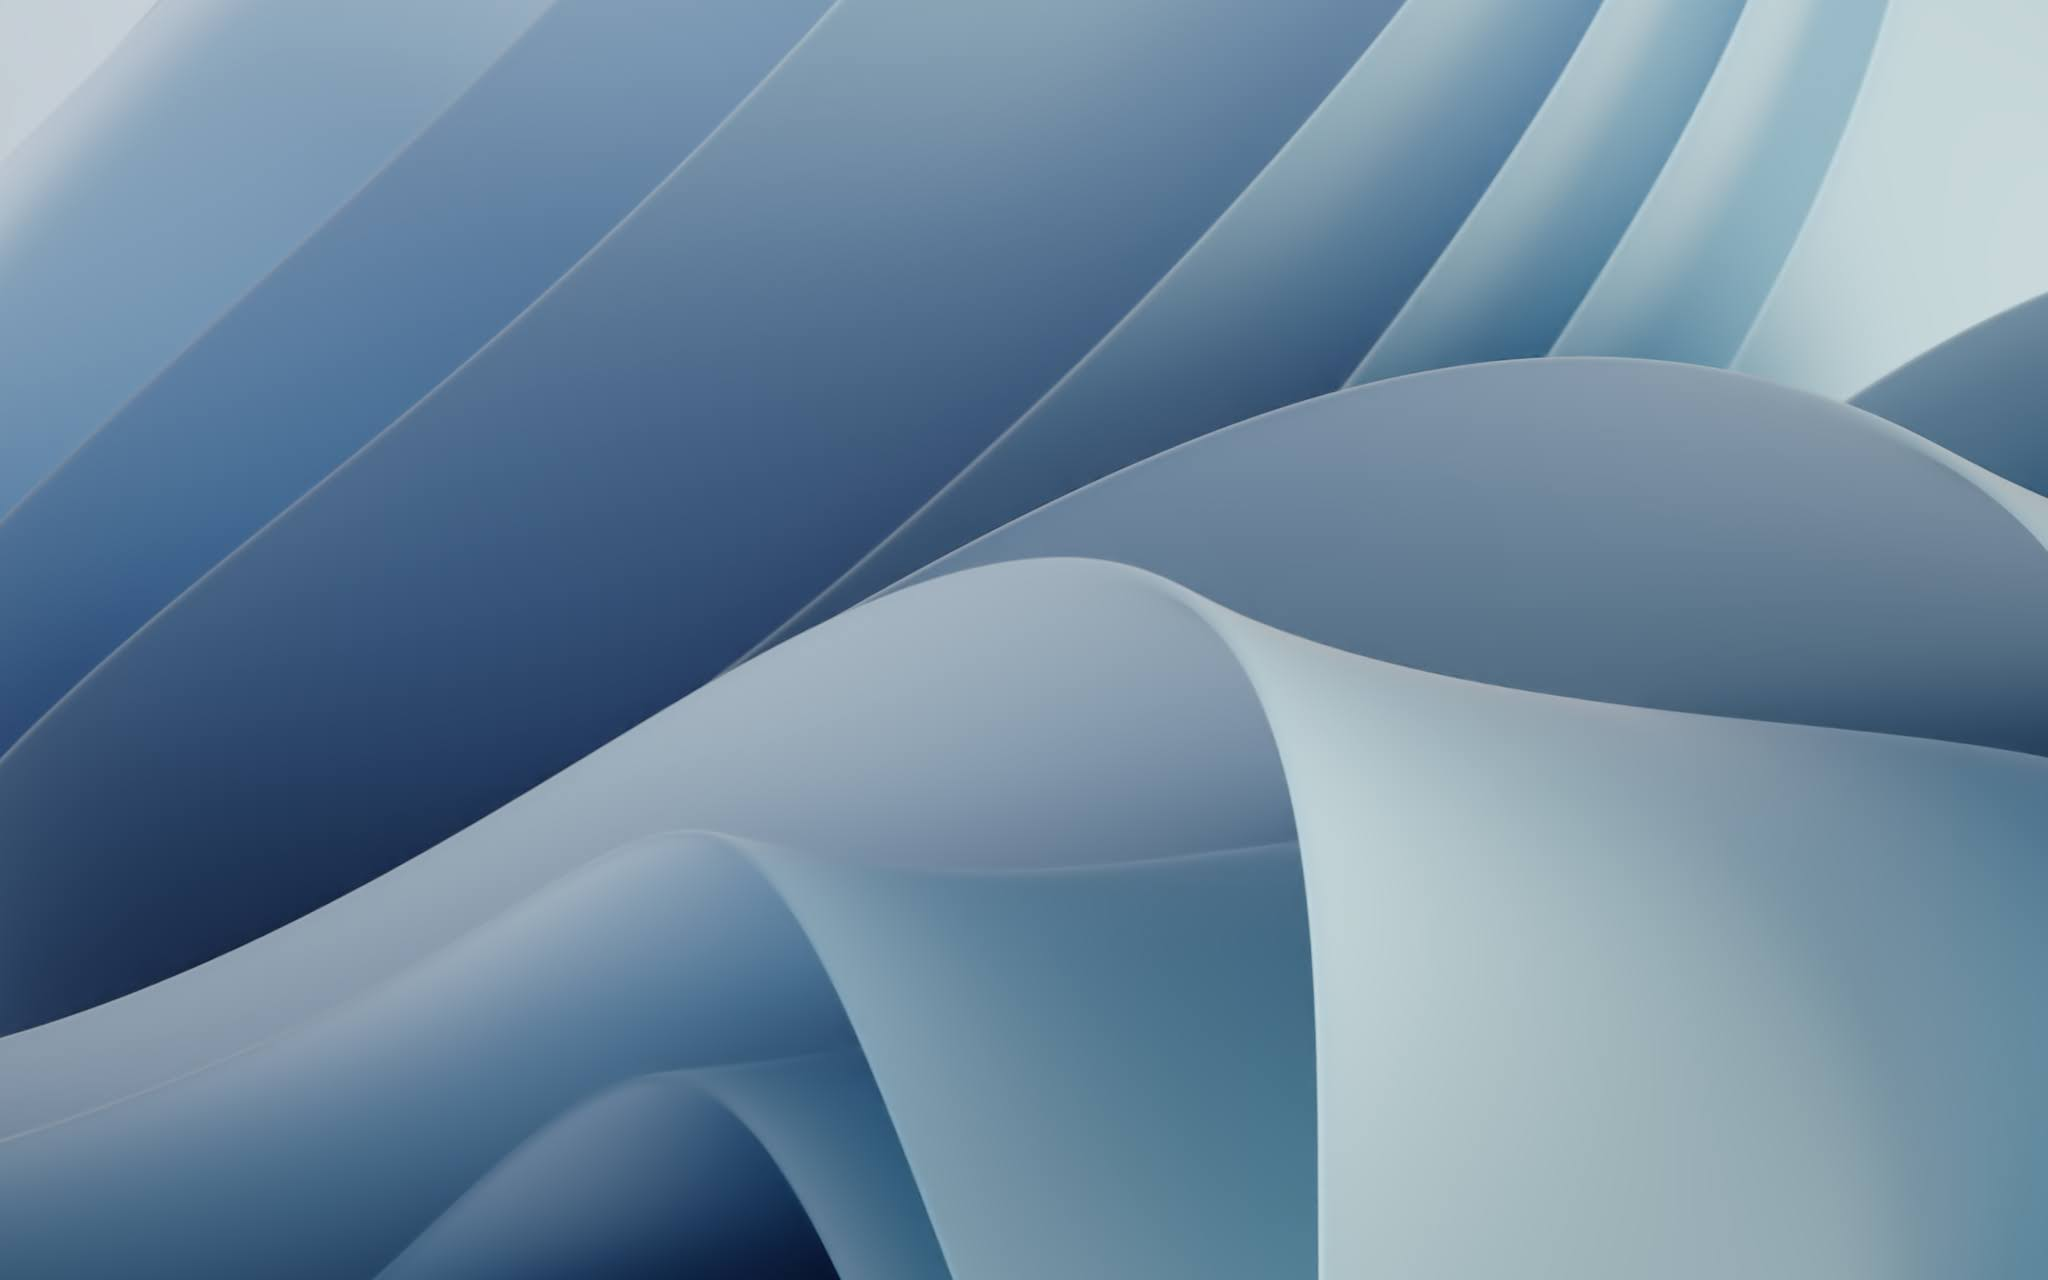 BeeTechz   Chia sẻ bộ hình nền Windows 11 đẹp hoàn toàn mới miễn phí